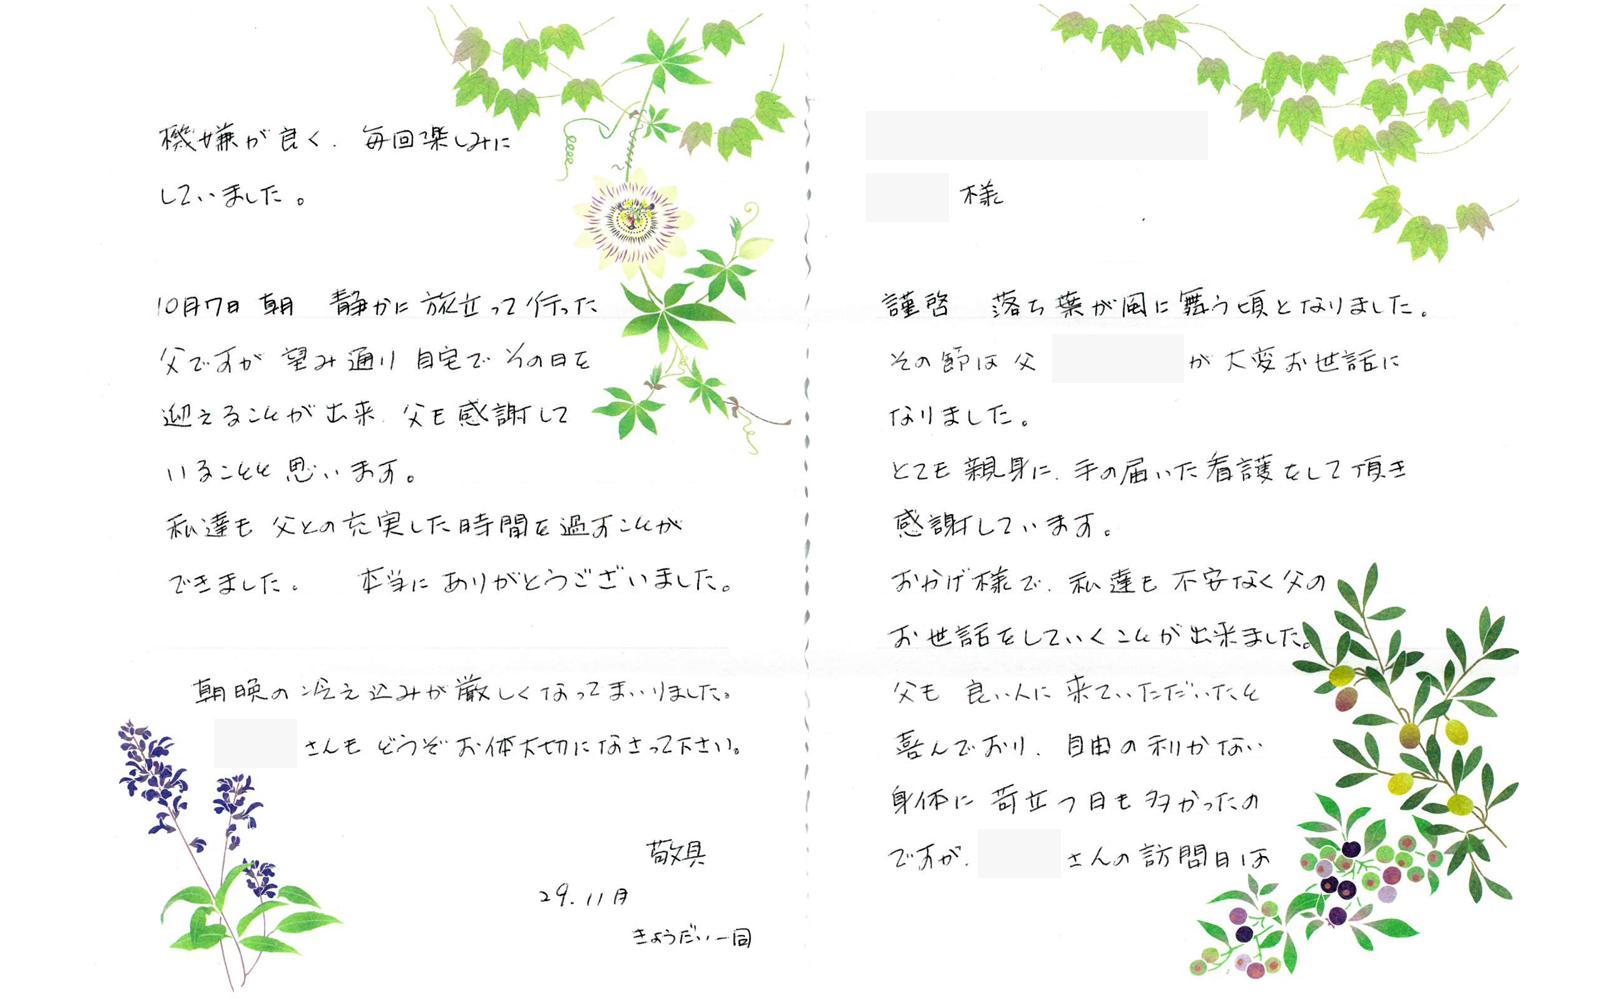 の 先生 の へ 手紙 お礼